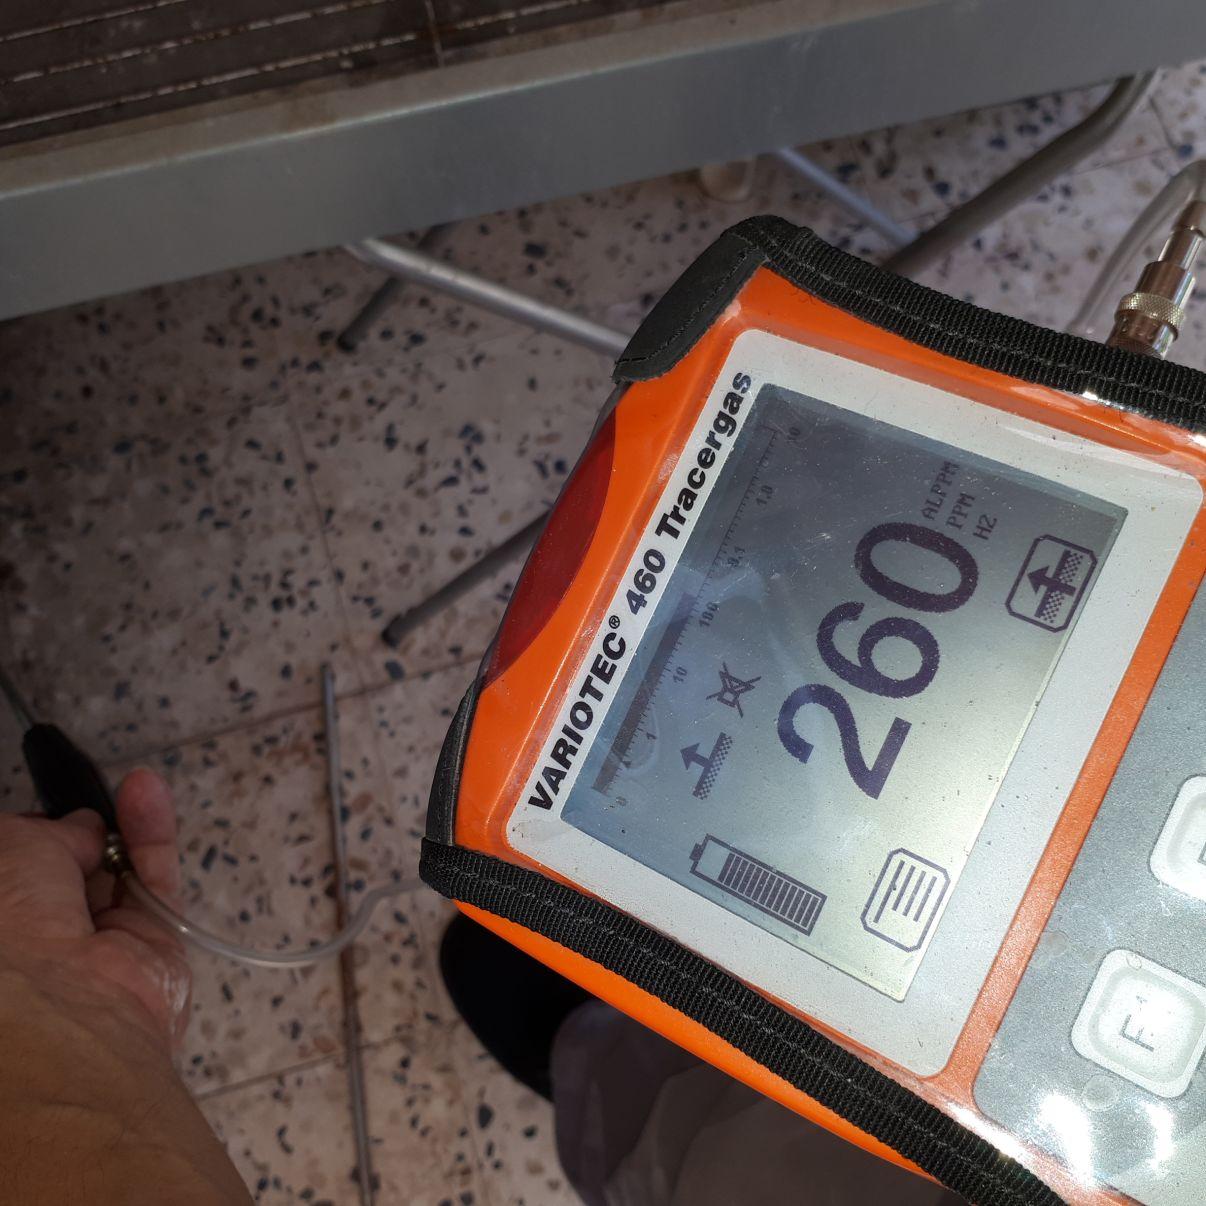 מדהים איתור נזילות מים - עופר מולכו - מומחה לאיתור נזילות ללא הרס. UT-06